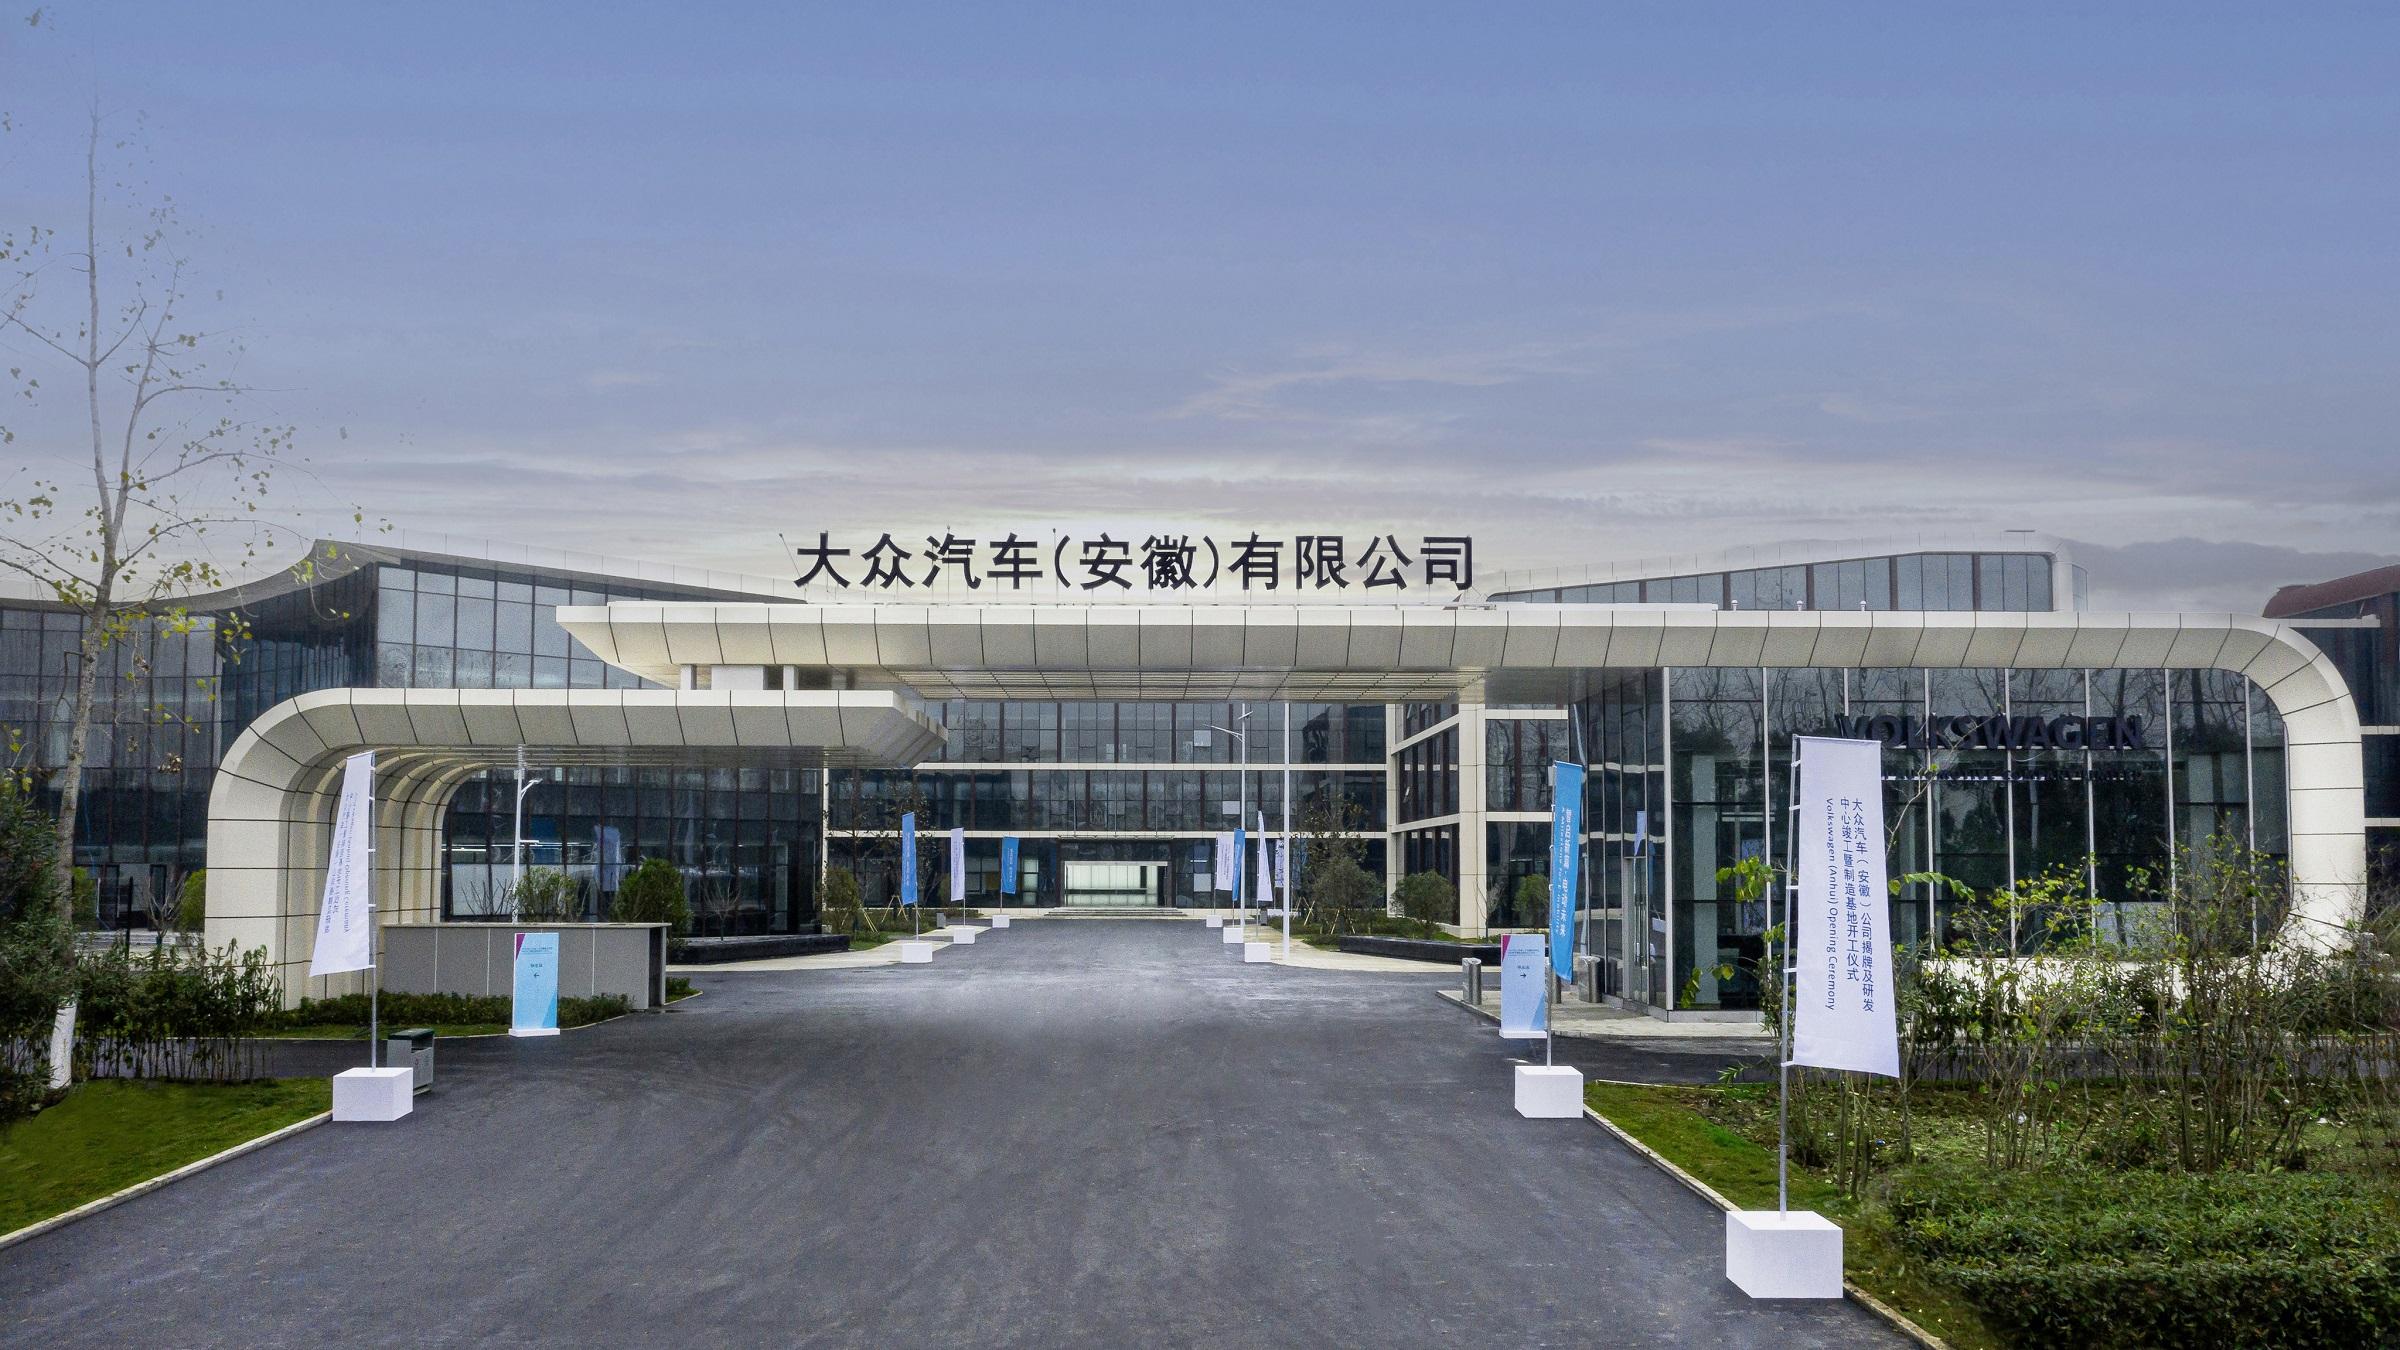 Το νέο κέντρο Έρευνας και Τεχνολογίας της VW στην Κίνα